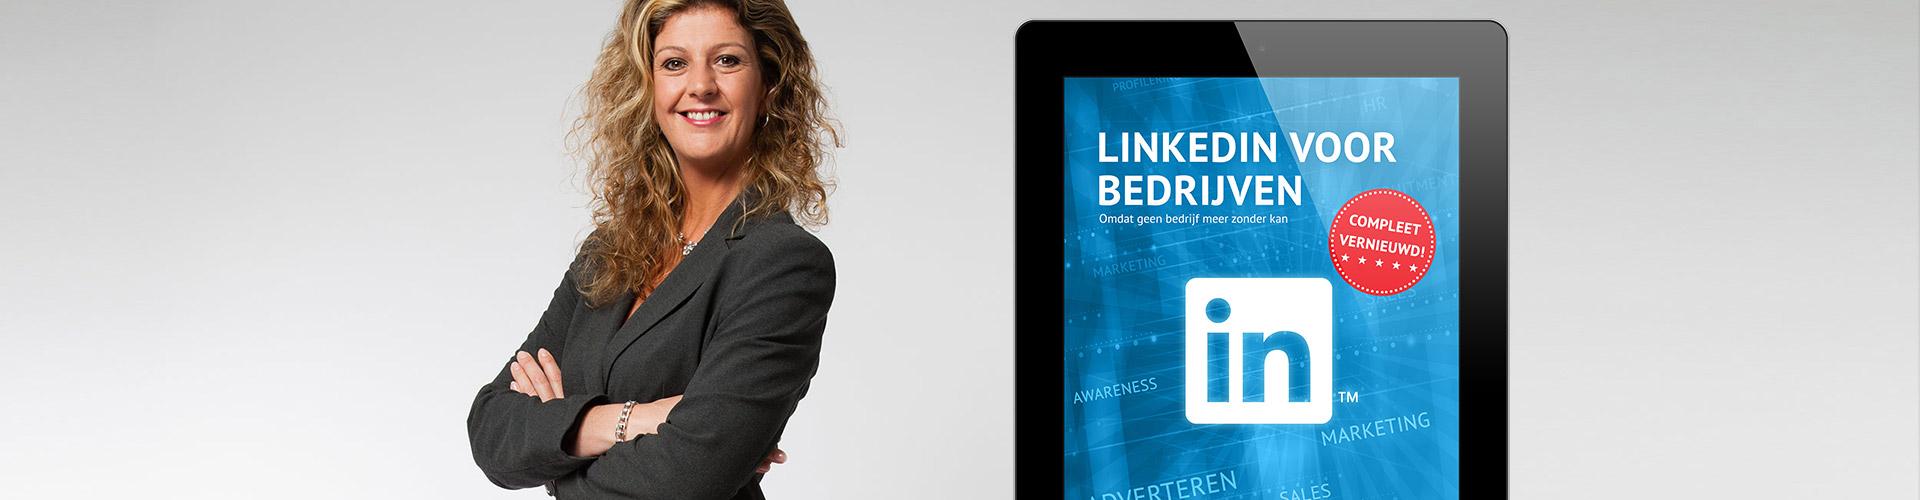 Corinne Keijzer - LinkedIn voor bedrijven